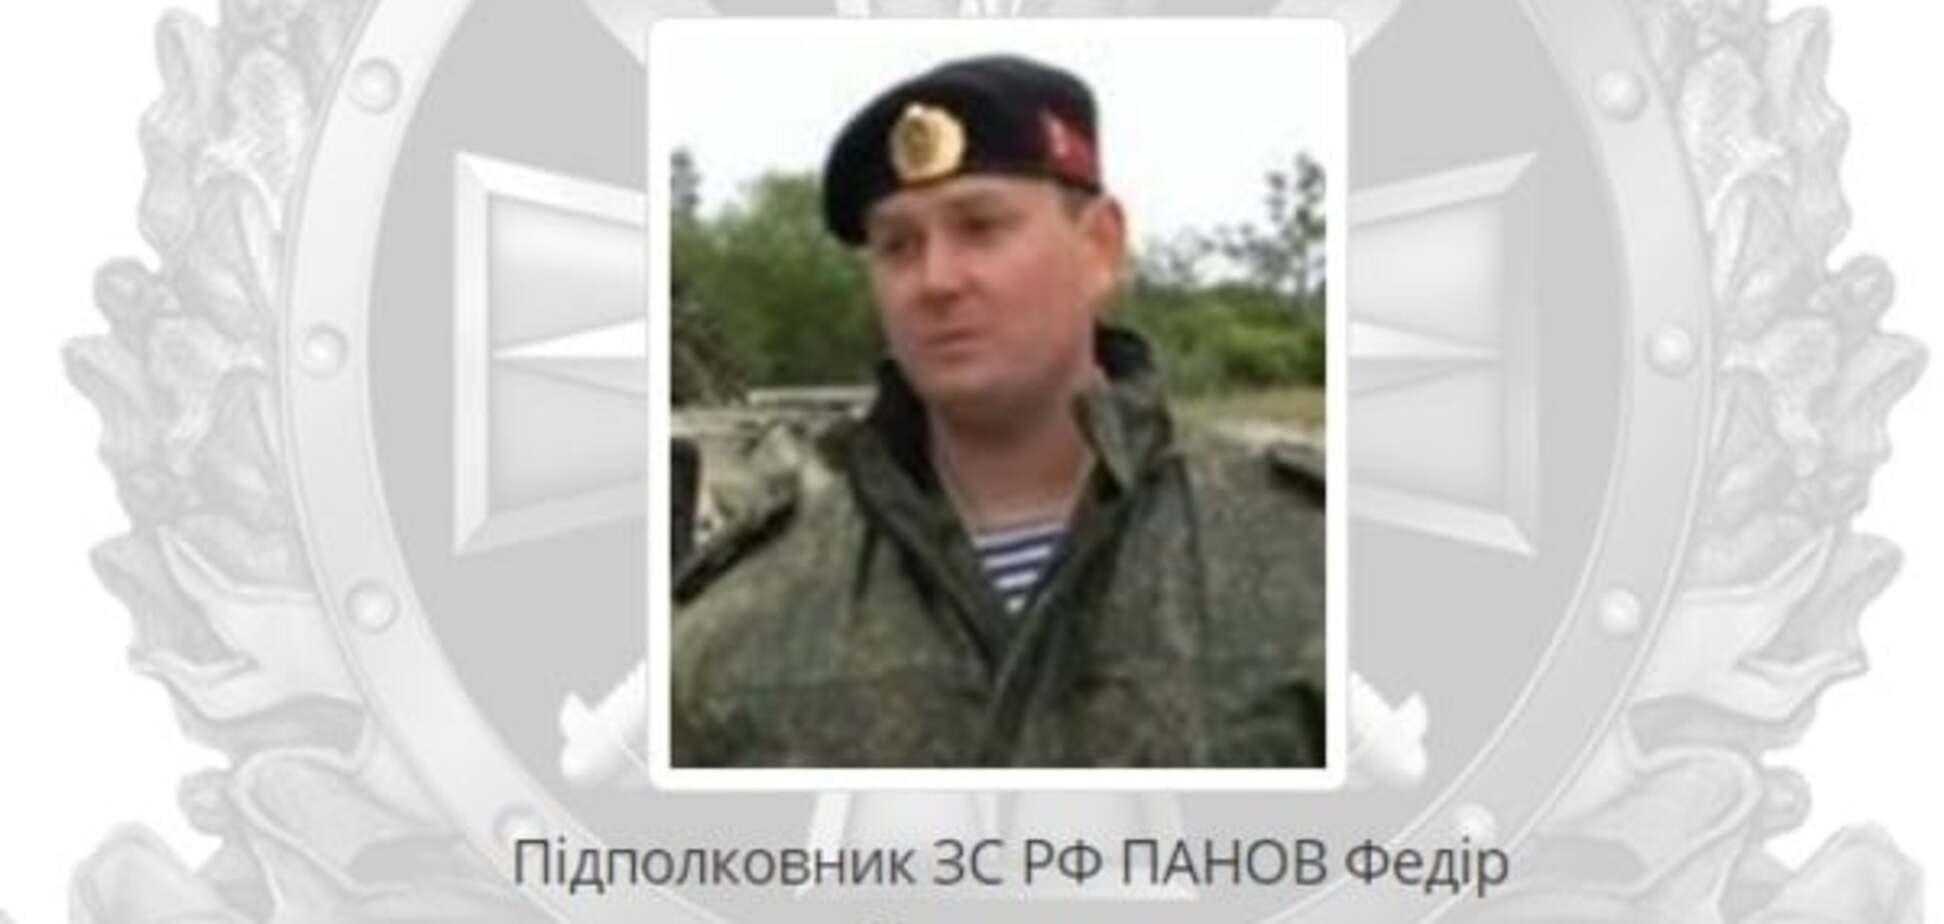 Подполковник Федор Панов